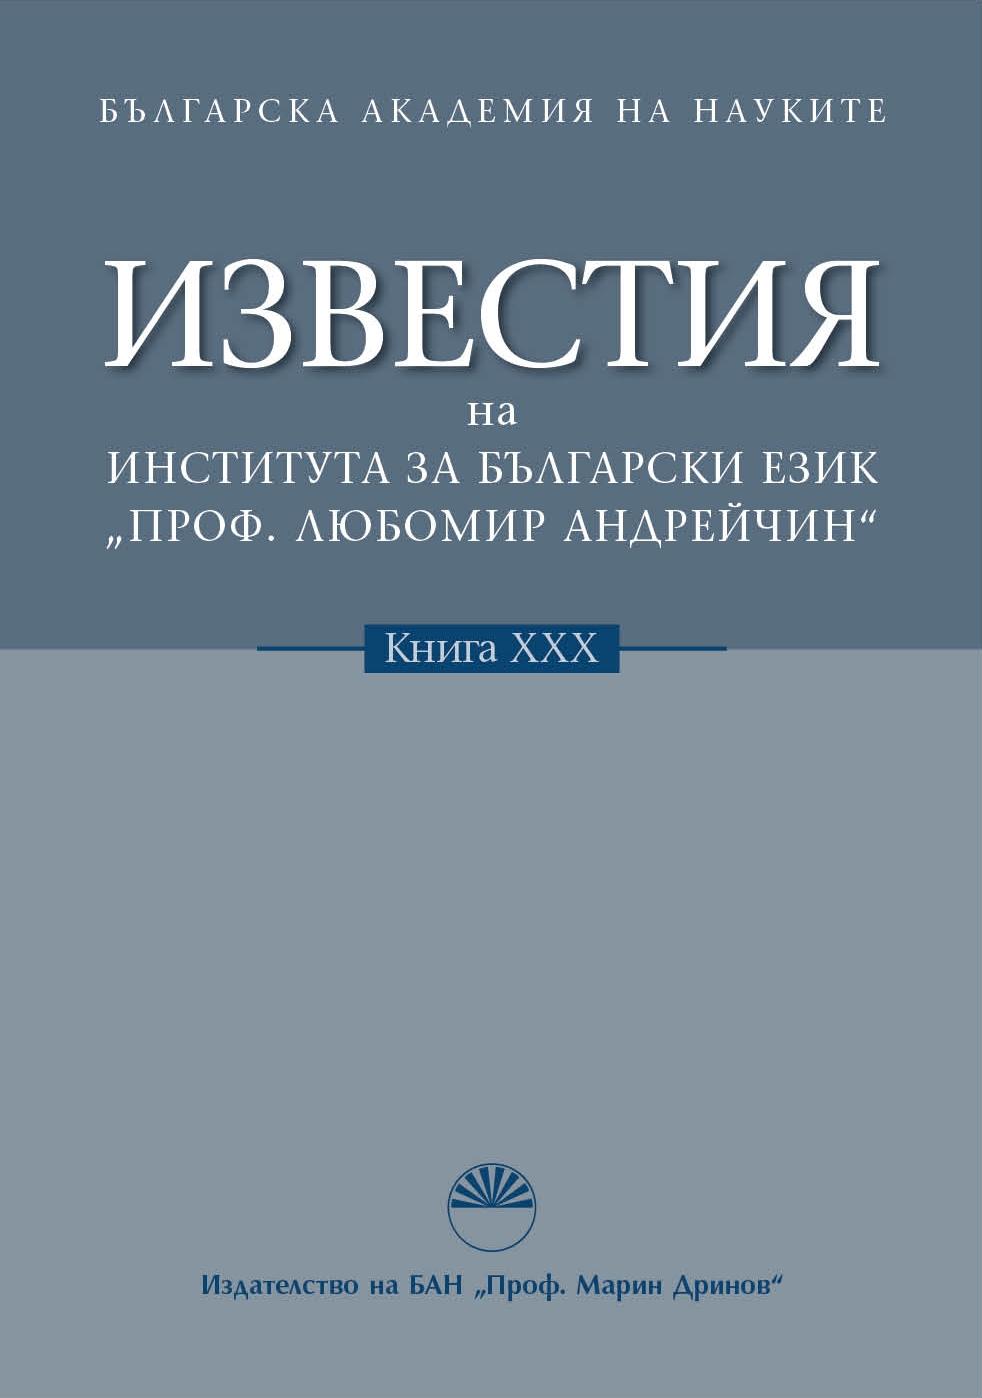 Izvestia BG Ezik XXX Cover 1